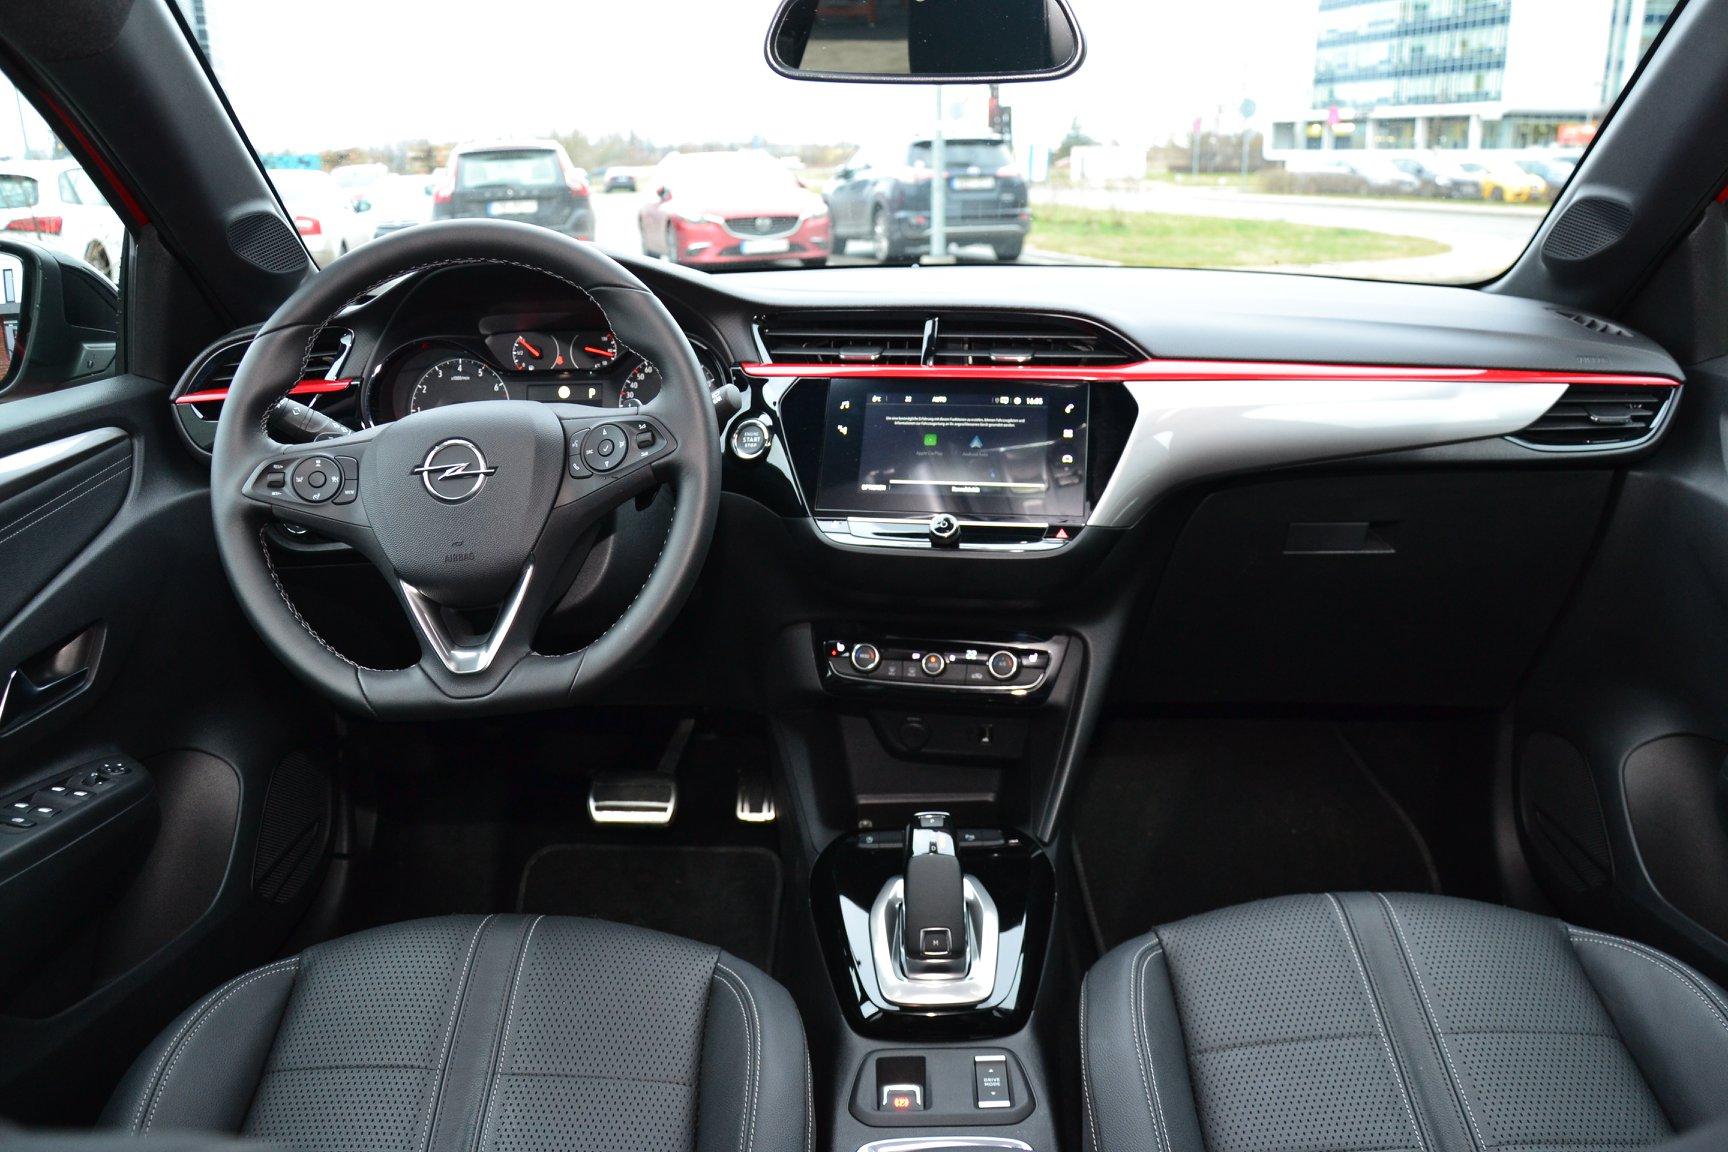 https://www.whatcar.lv/cars/Opel/Corsa/20742a83977d8ef419d050ca6b11e90e.jpg